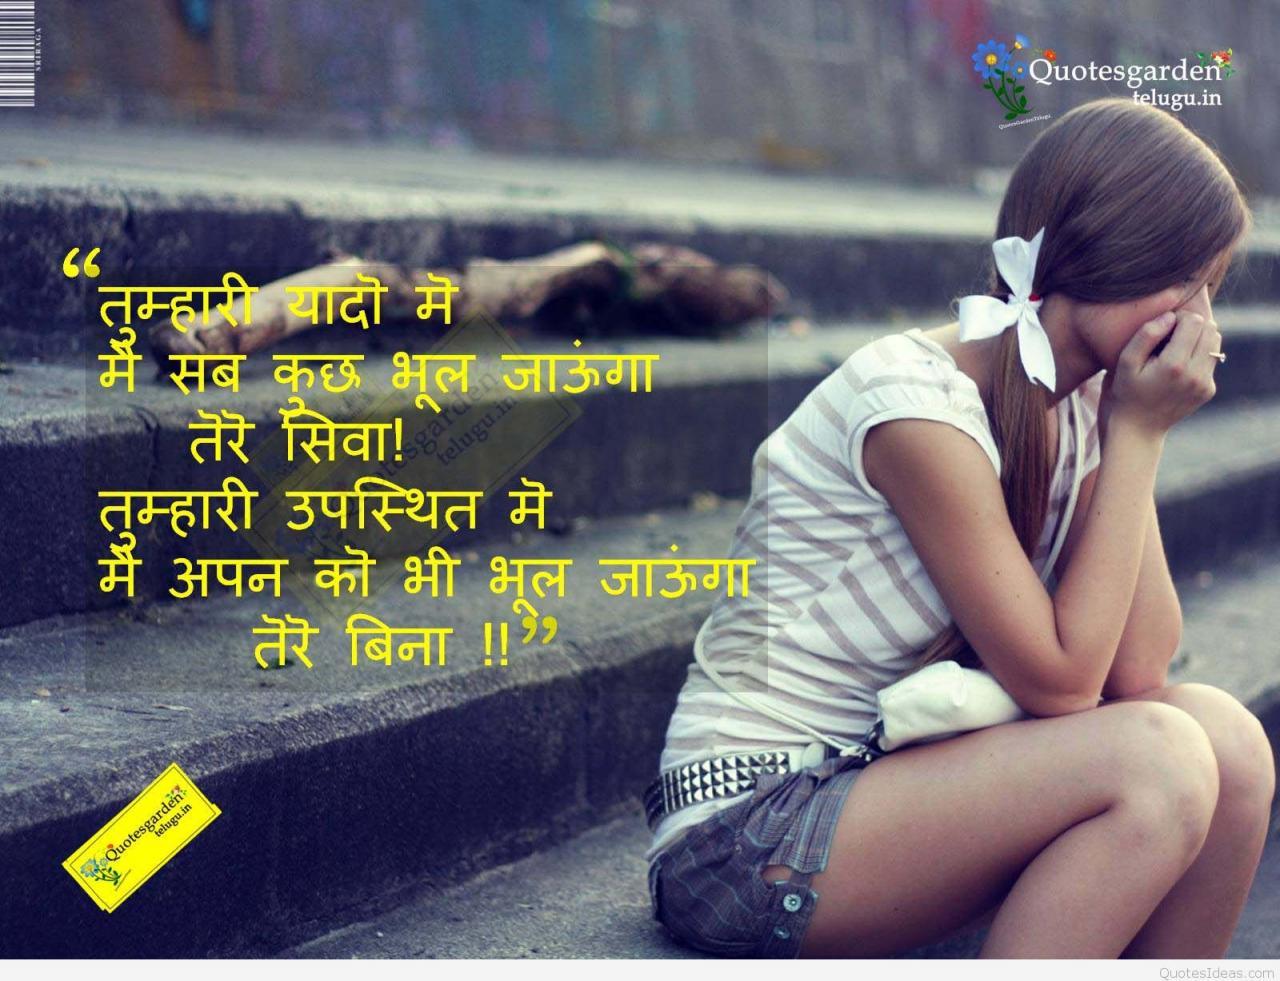 Hindi Love Quotes Shayaree Best Hindi Love Quotes Alone Love Quotes In Hindi